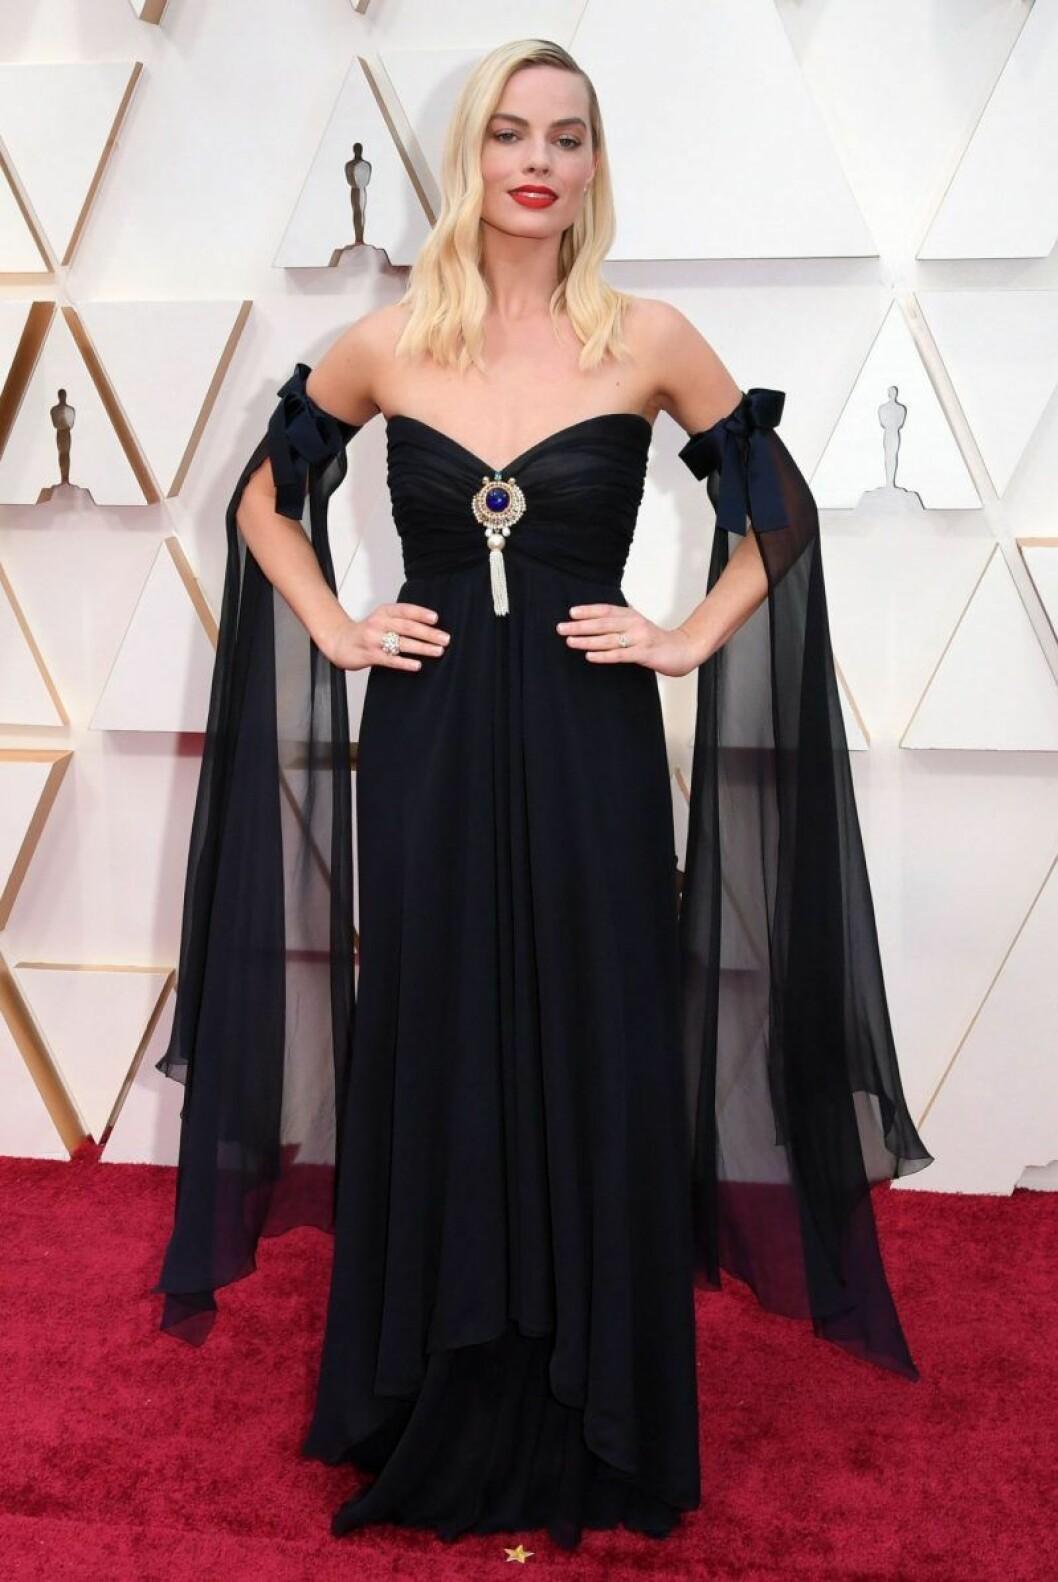 Margot Robbie i svart klänning på röda mattan